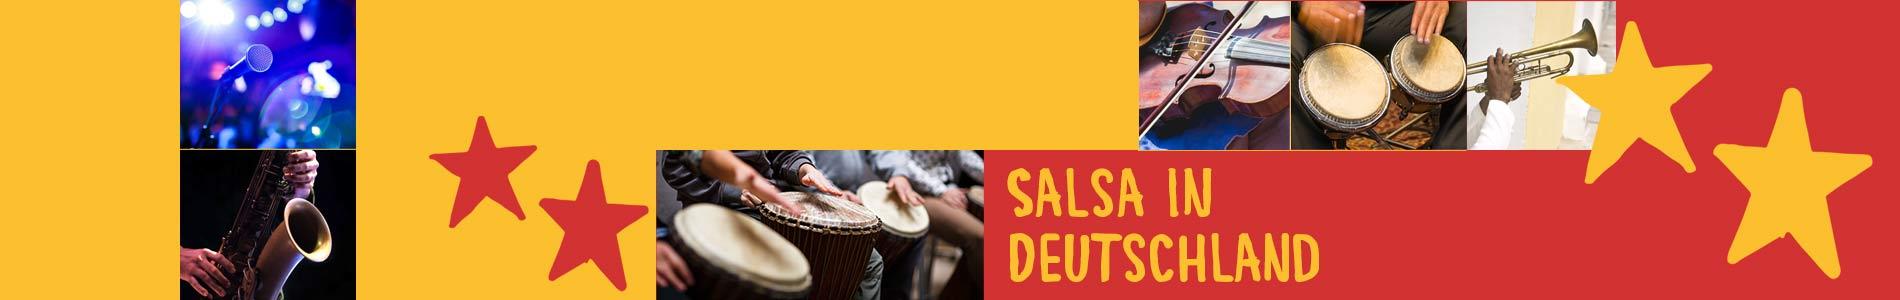 Salsa in Crostau – Salsa lernen und tanzen, Tanzkurse, Partys, Veranstaltungen